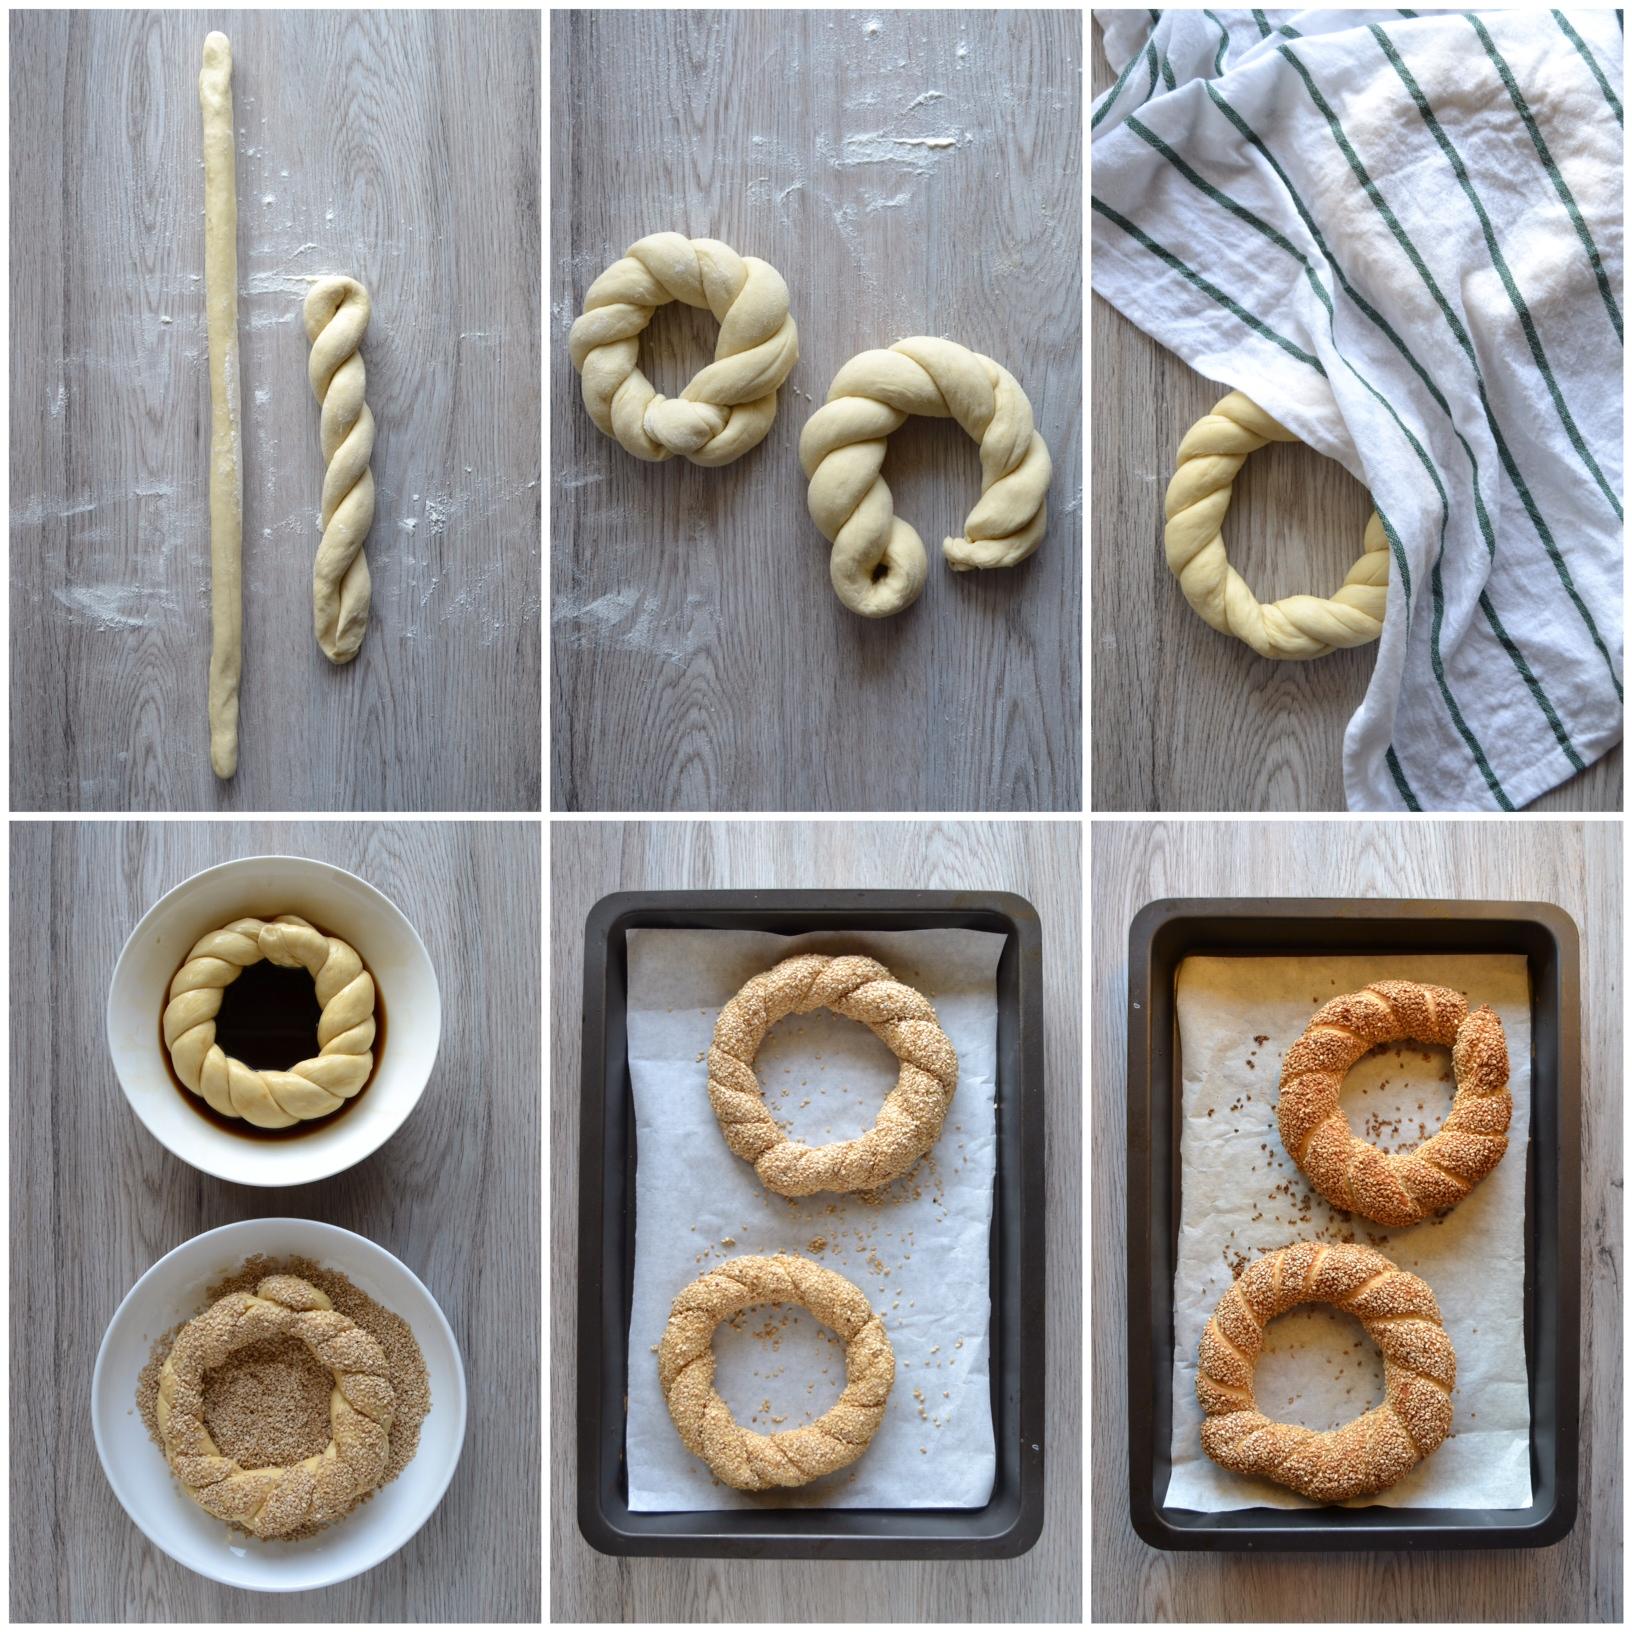 Simit: pane turco al sesamo